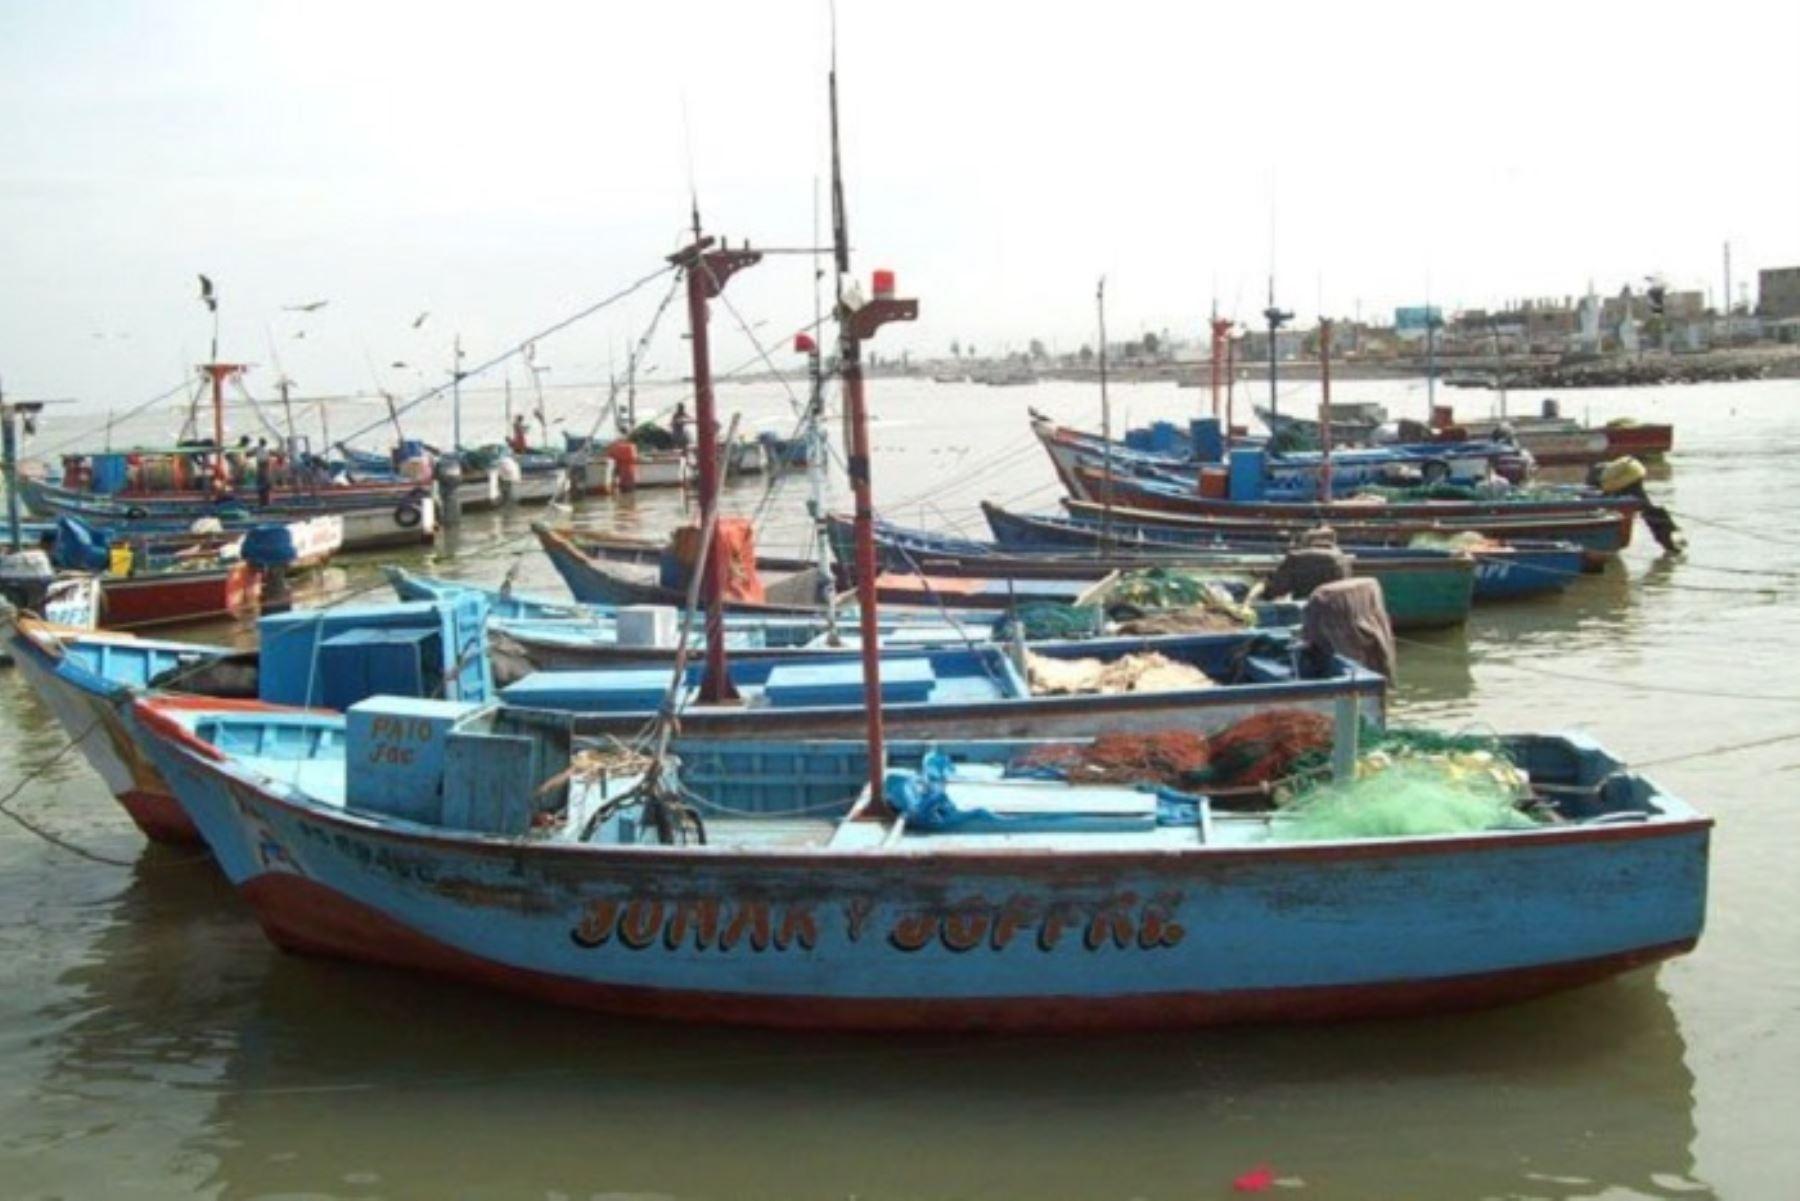 Casi la totalidad de puertos del litoral sur fueron cerrados debido a la presencia de oleajes de ligera intensidad, de acuerdo a la información proporcionada por la Dirección de Hidrografía y Navegación (DHN) de la Marina de Guerra del Perú.NDINA/Difusión